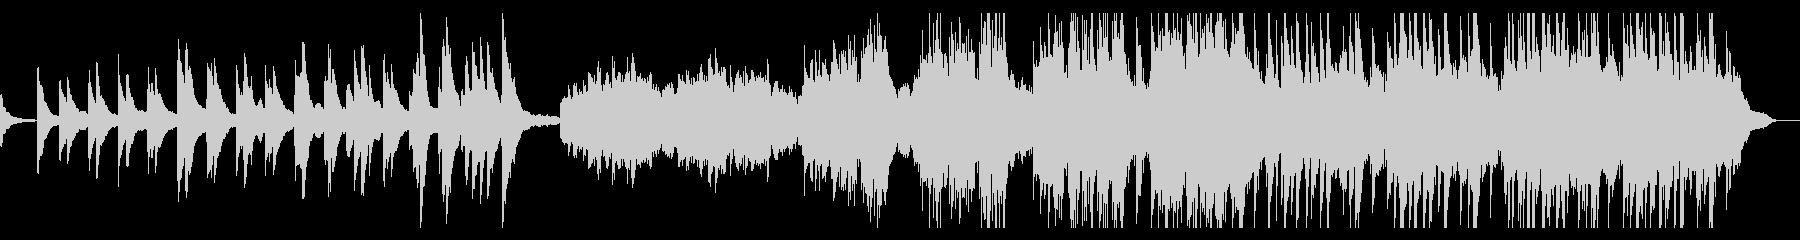 静かに始まりピアノが重なっていく感動曲の未再生の波形